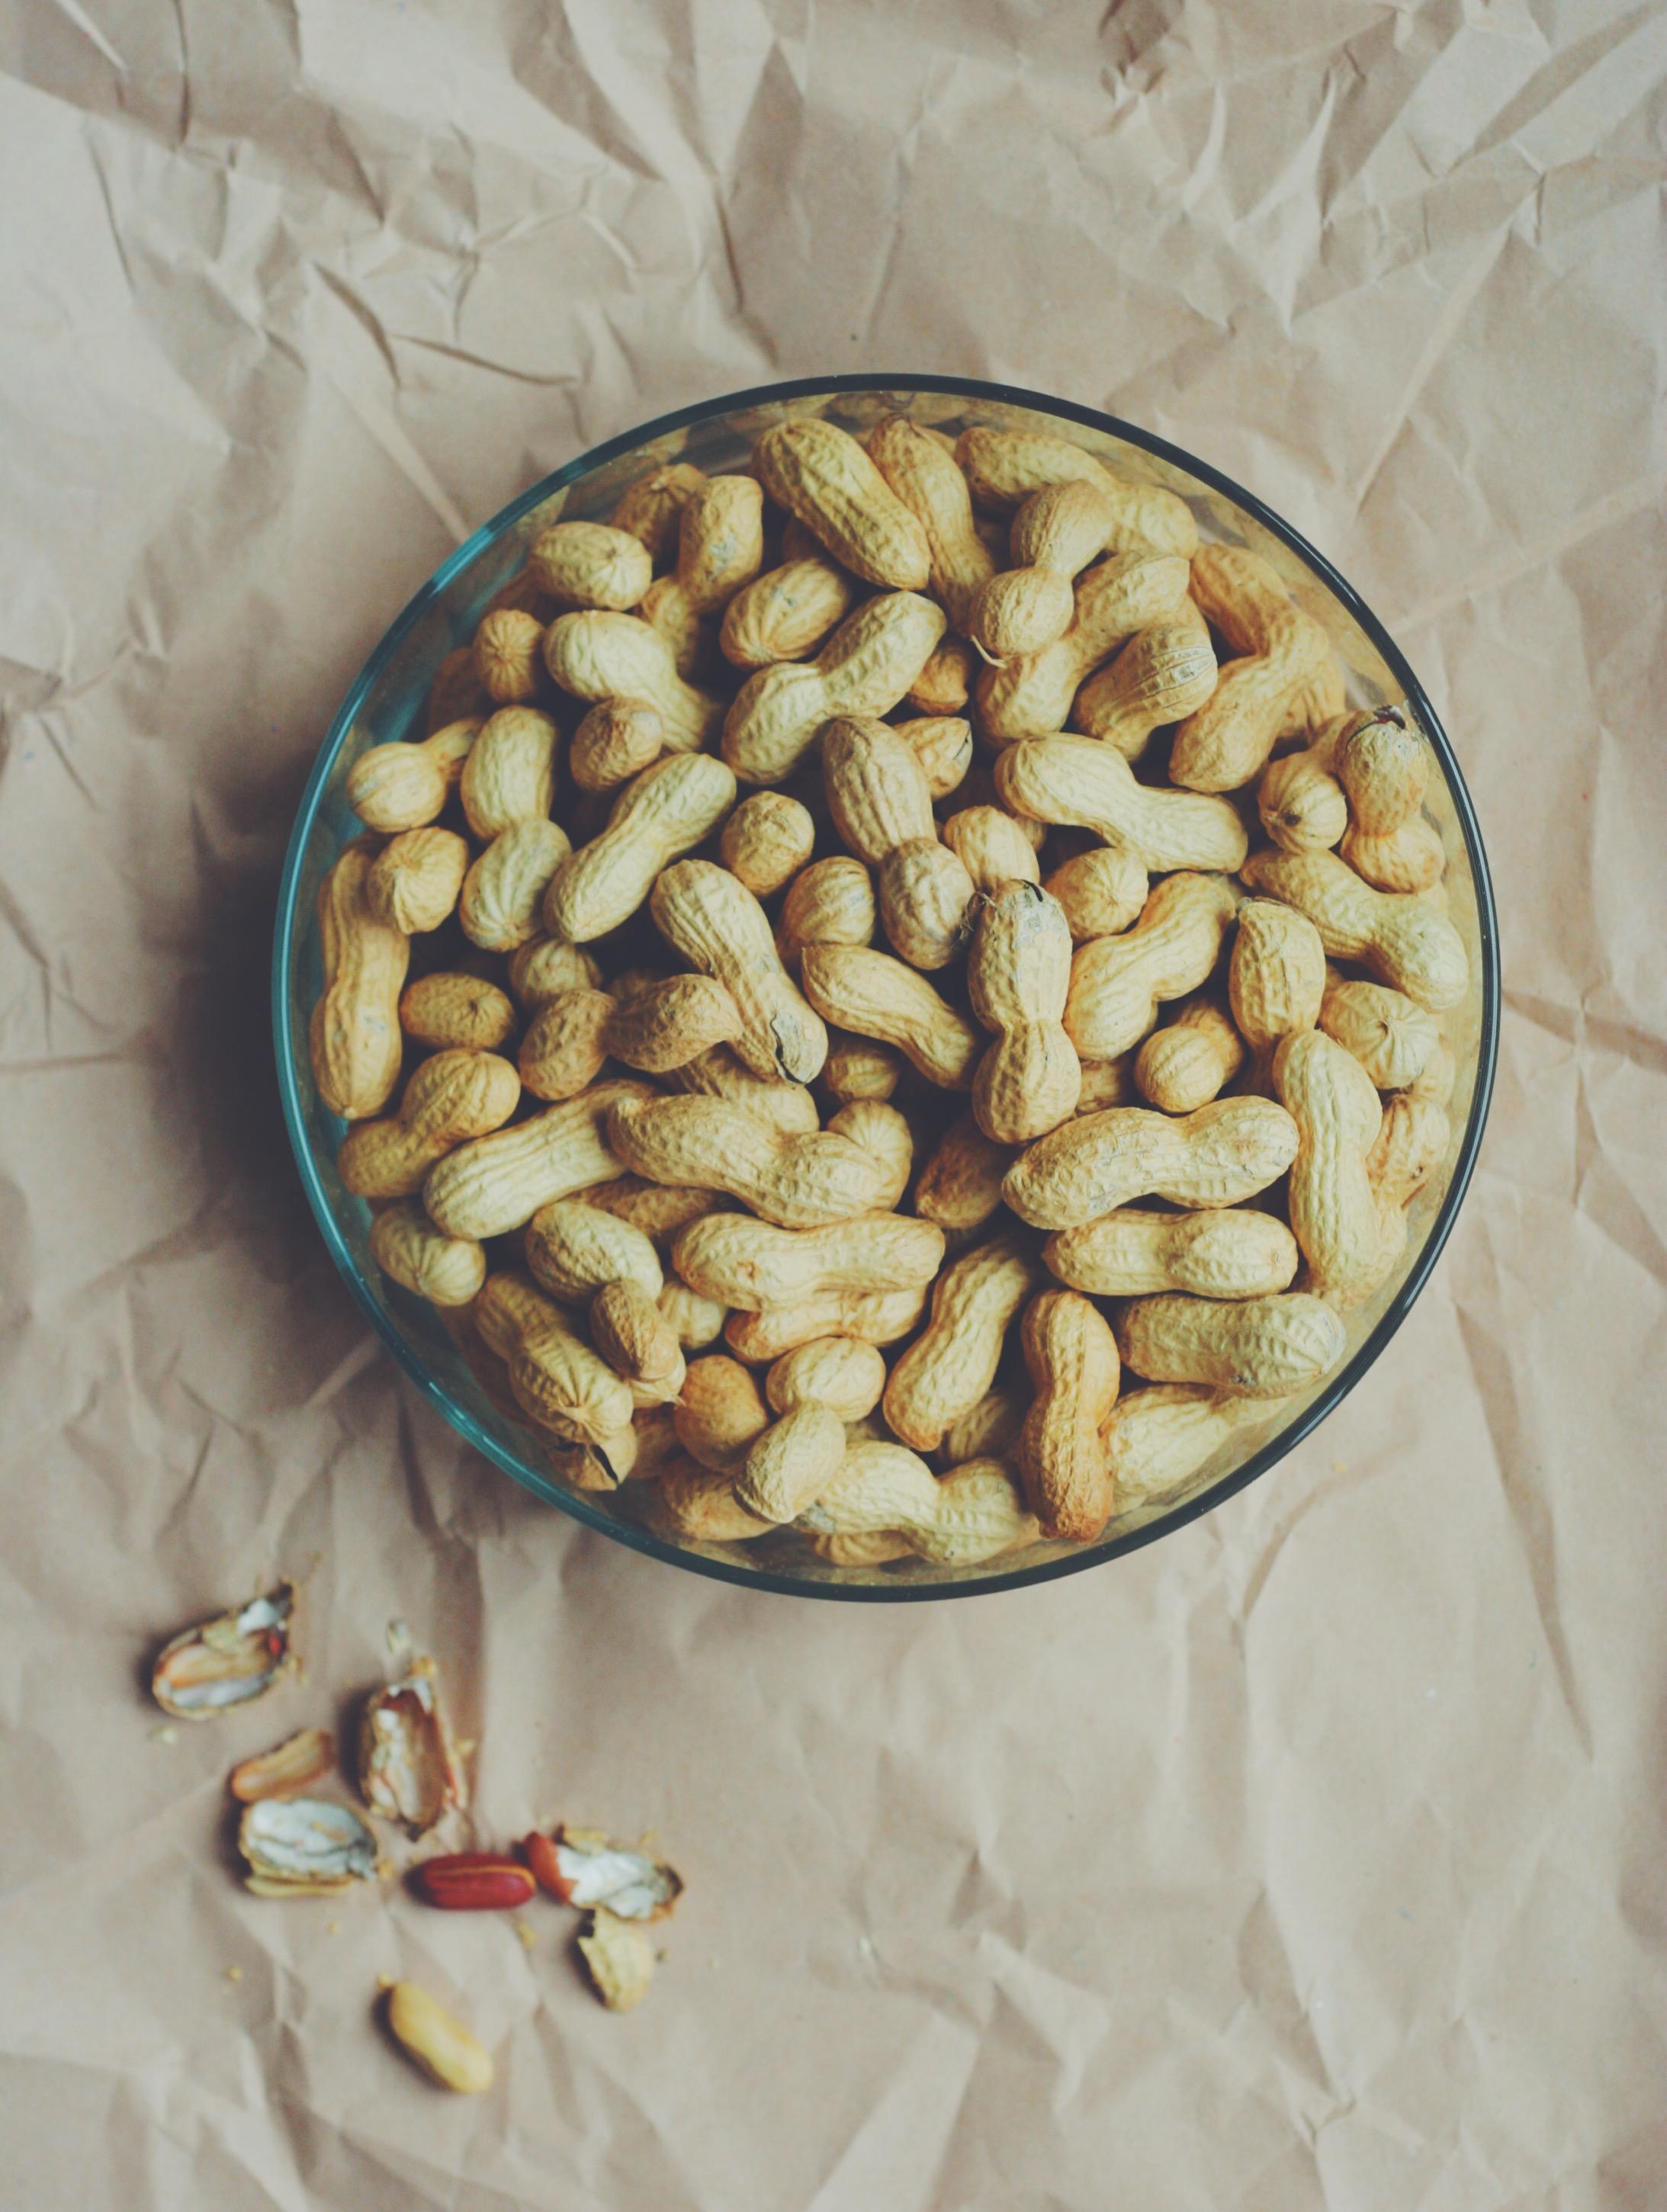 Peanut-butter-persian-blue-salt-noghlemey